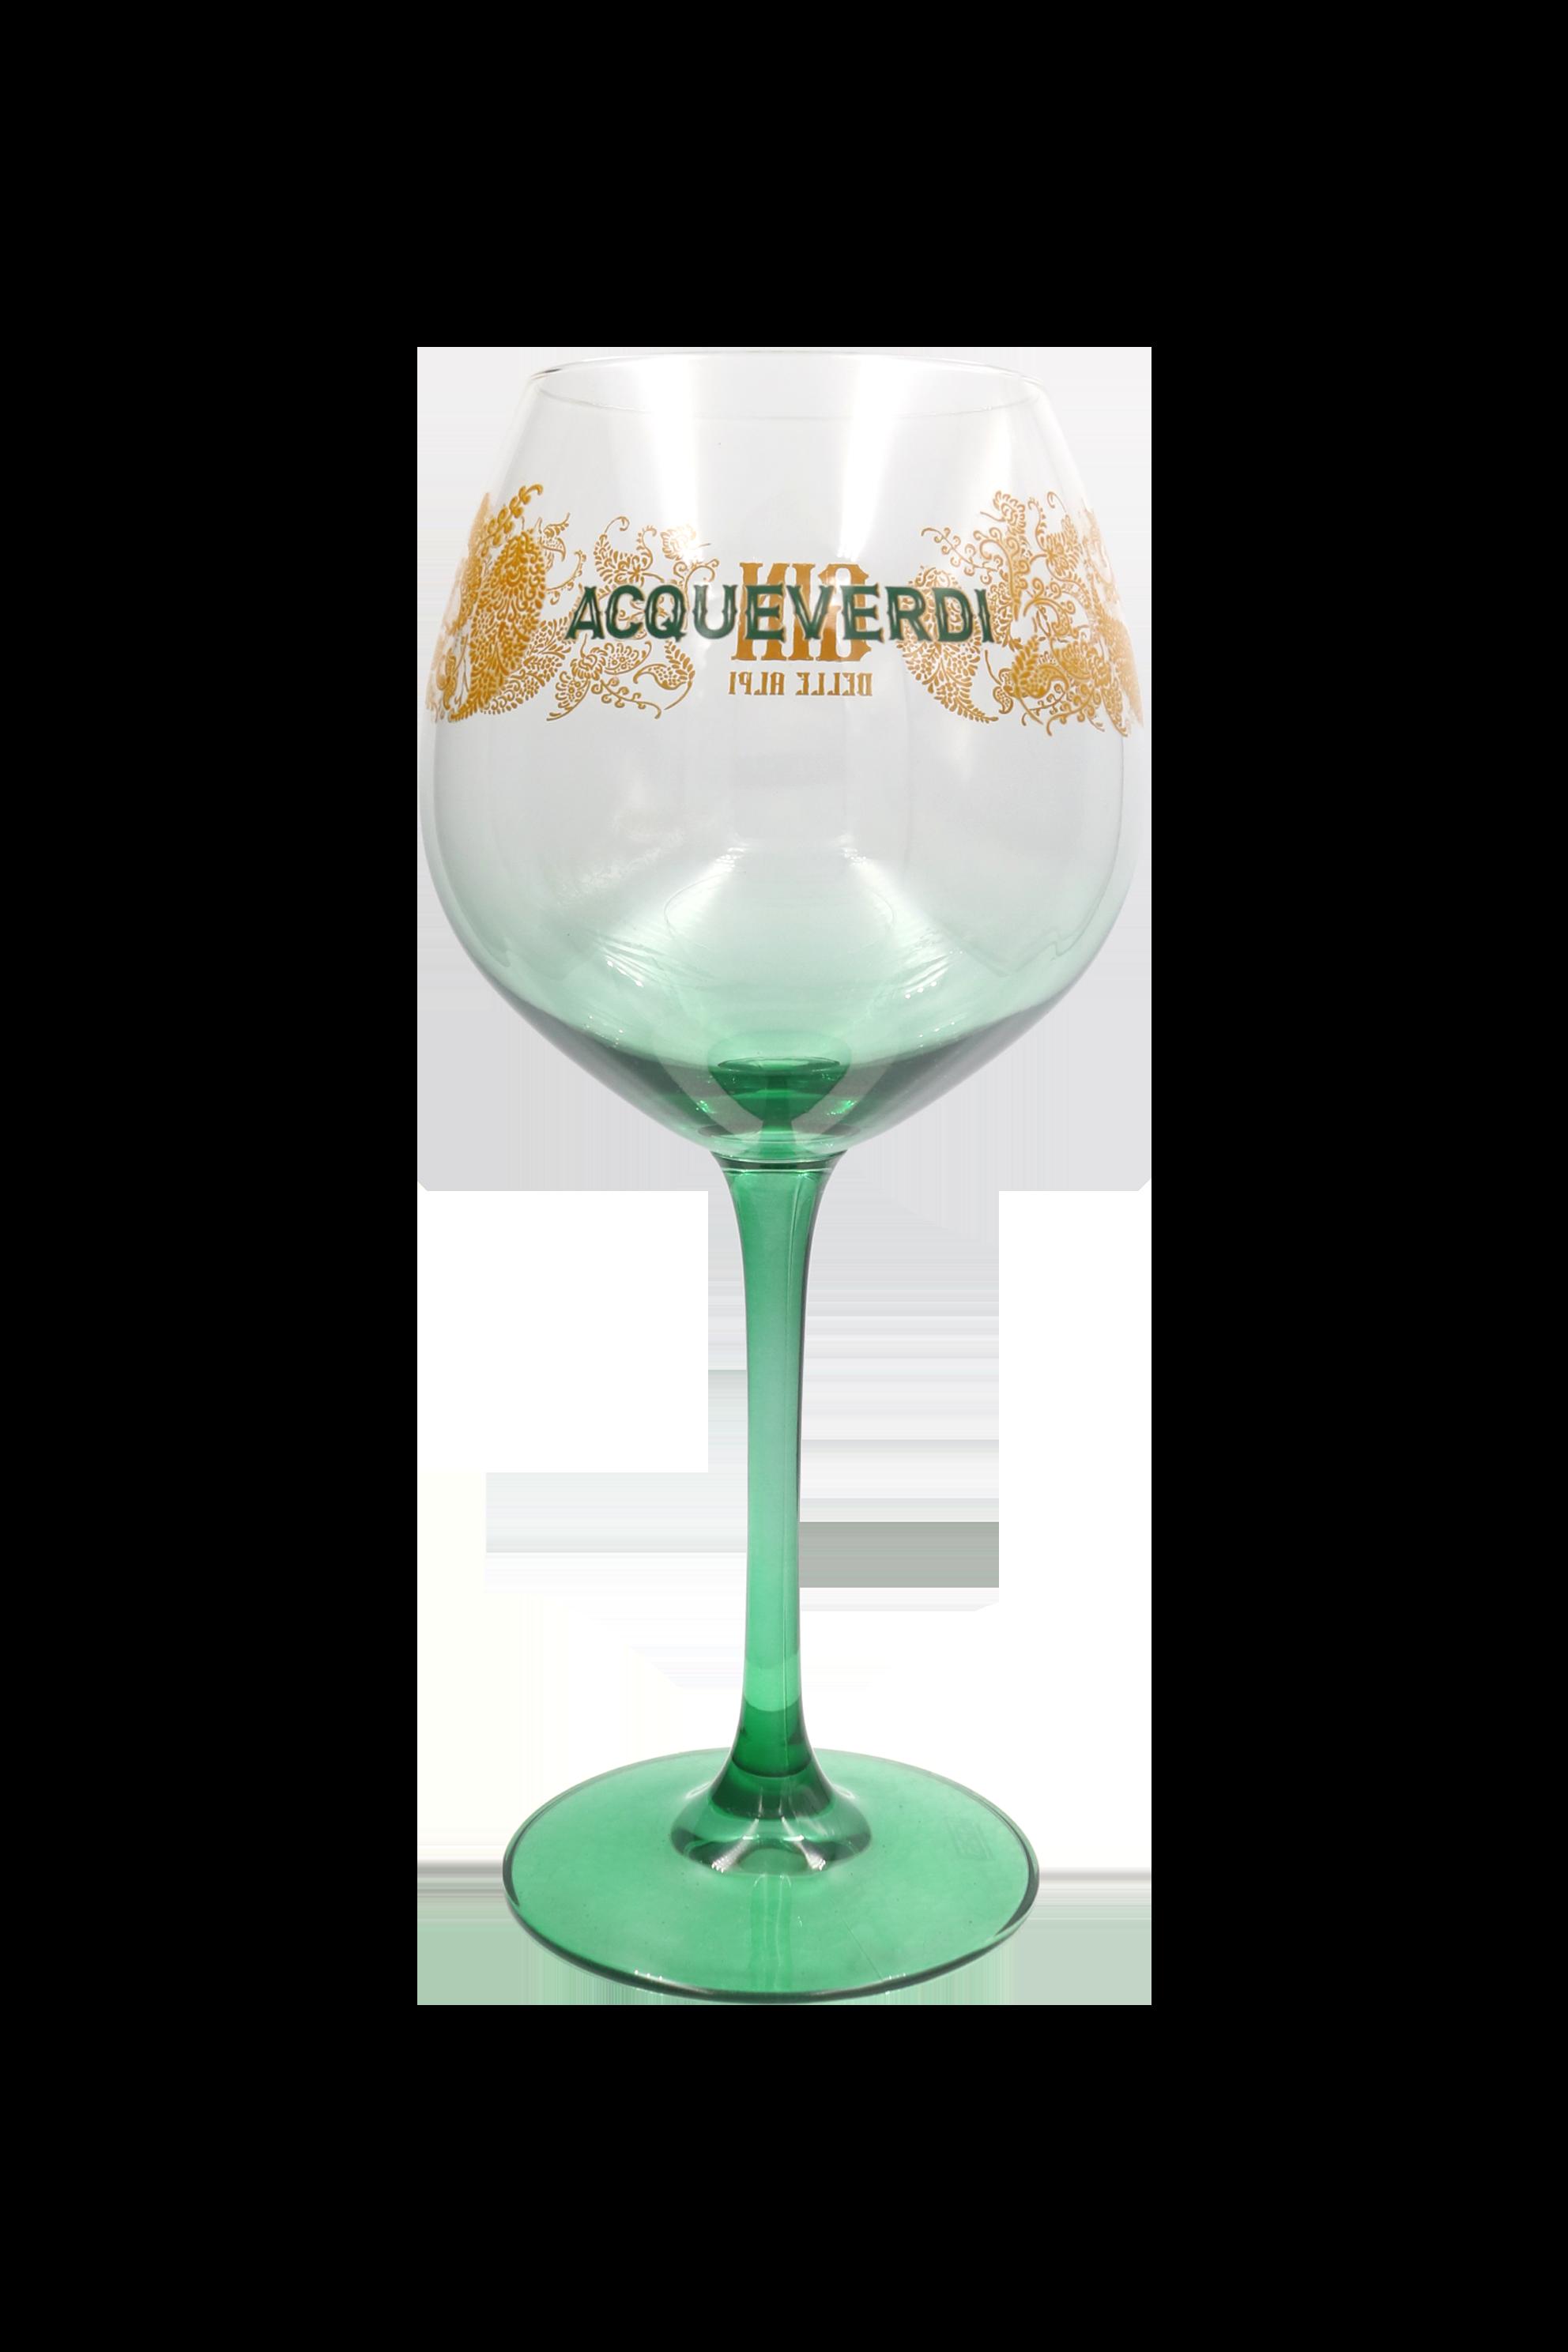 Bicchiere Balón Acqueverdi Gin delle Alpi